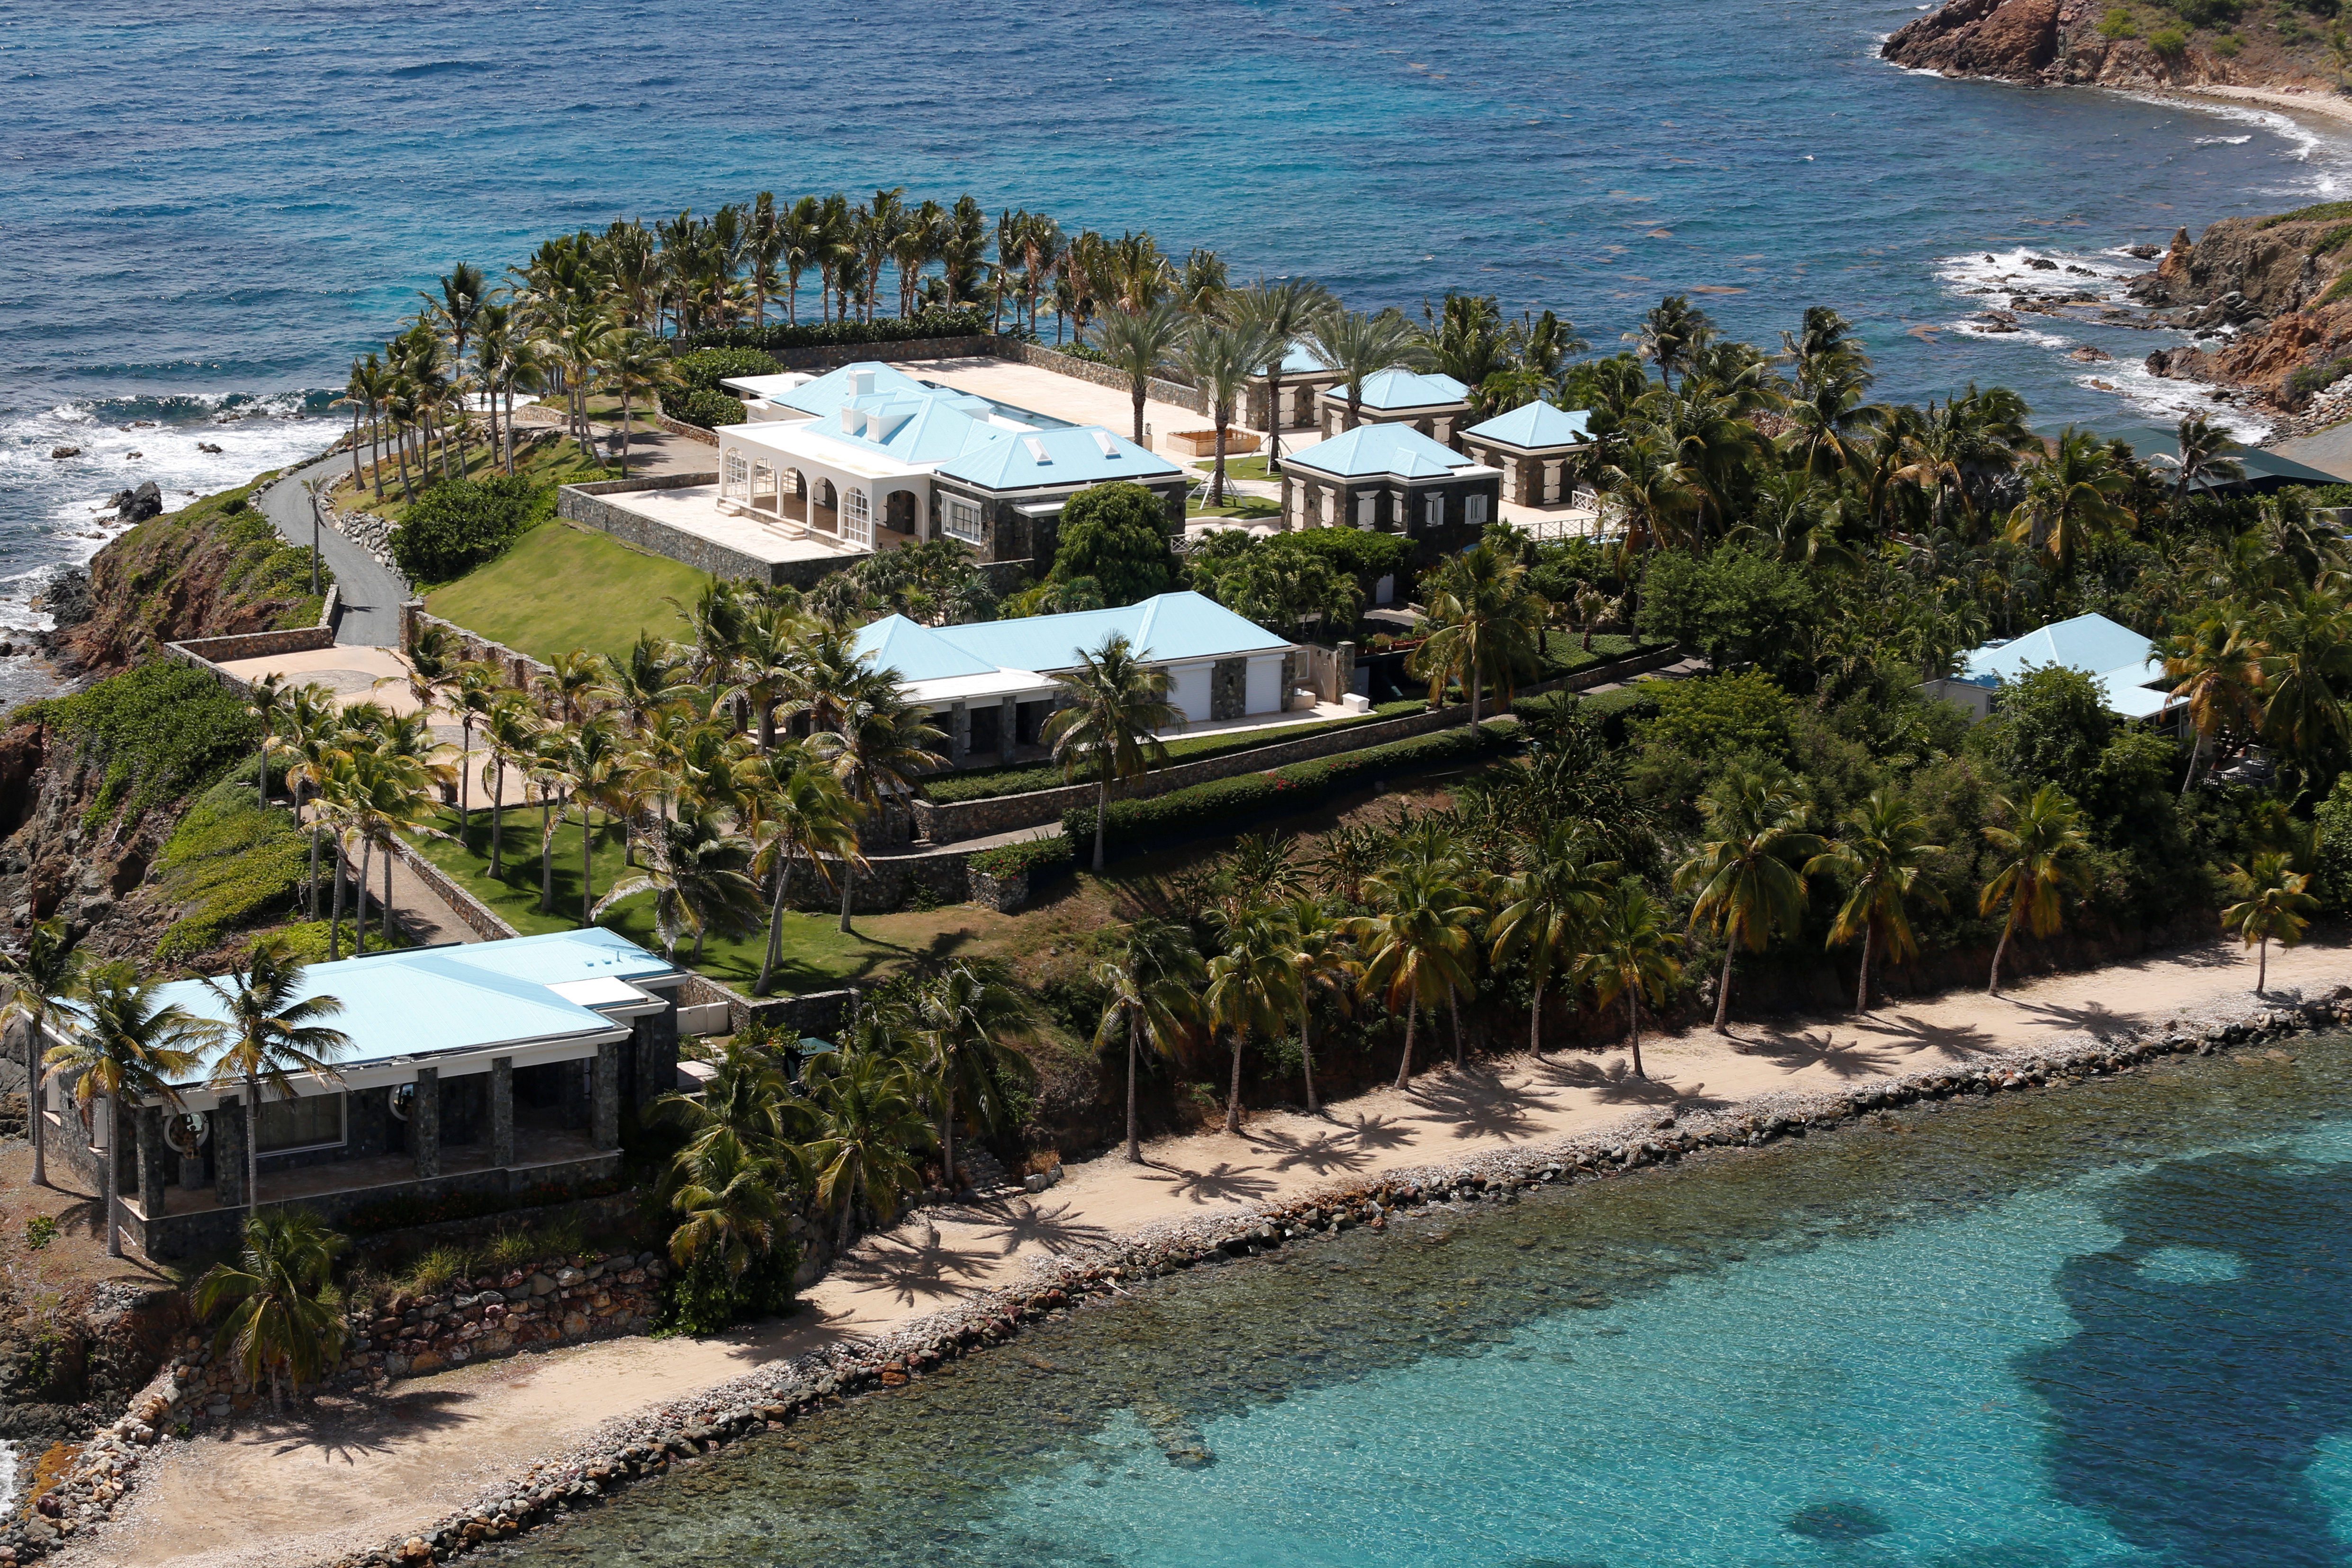 Les installations de Little St. James Island, l'une des propriétés du financier Jeffrey Epstein, sont vues en vue aérienne, près de Charlotte Amalie, St.Thomas, Îles Vierges américaines le 21 juillet 2019. (REUTERS / Marco Bello)